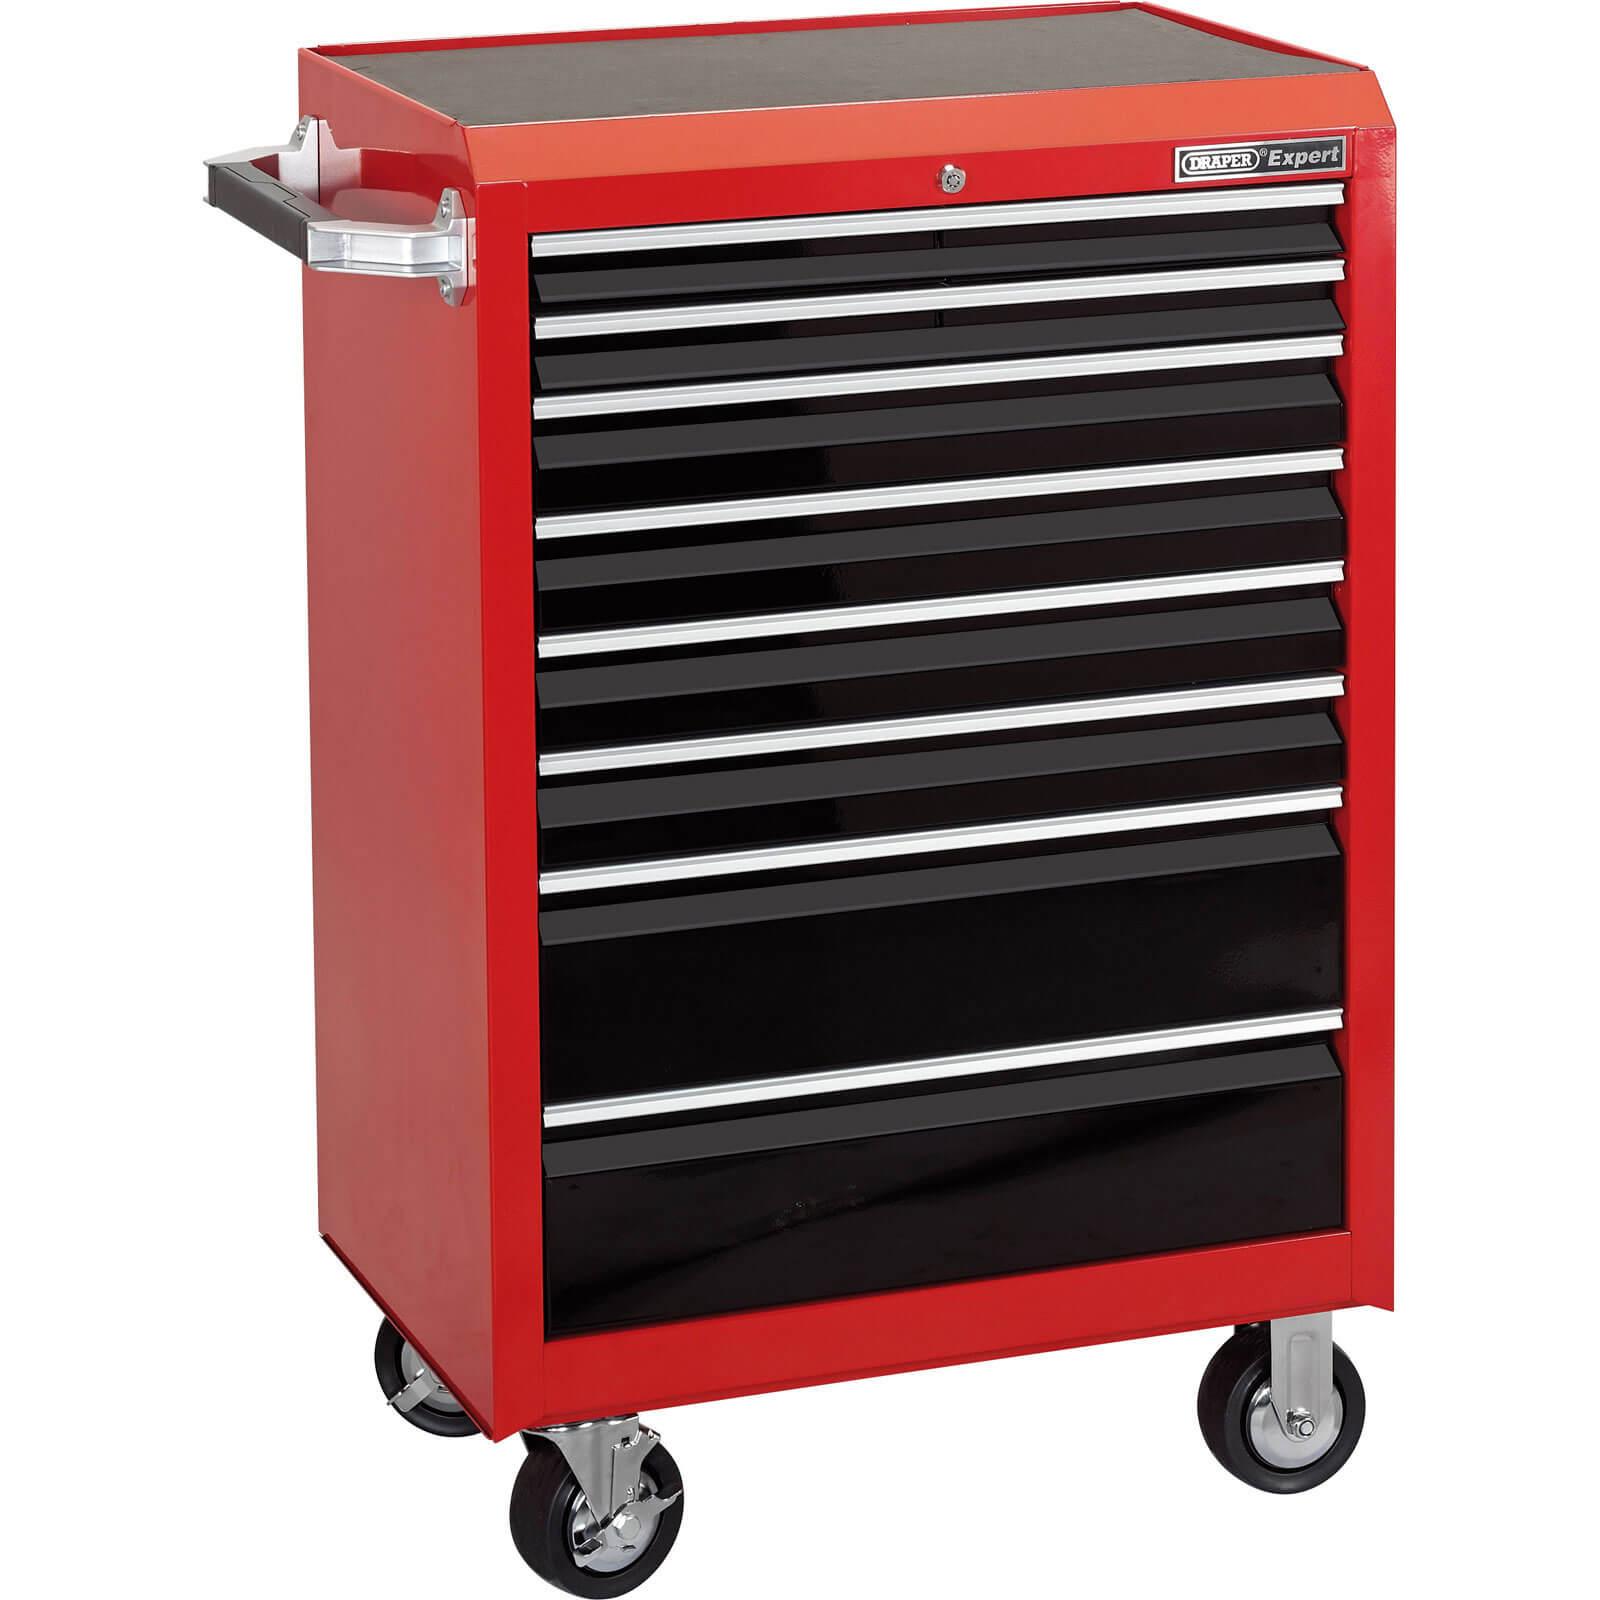 Draper Expert 8 Drawer Tool Roller Cabinet